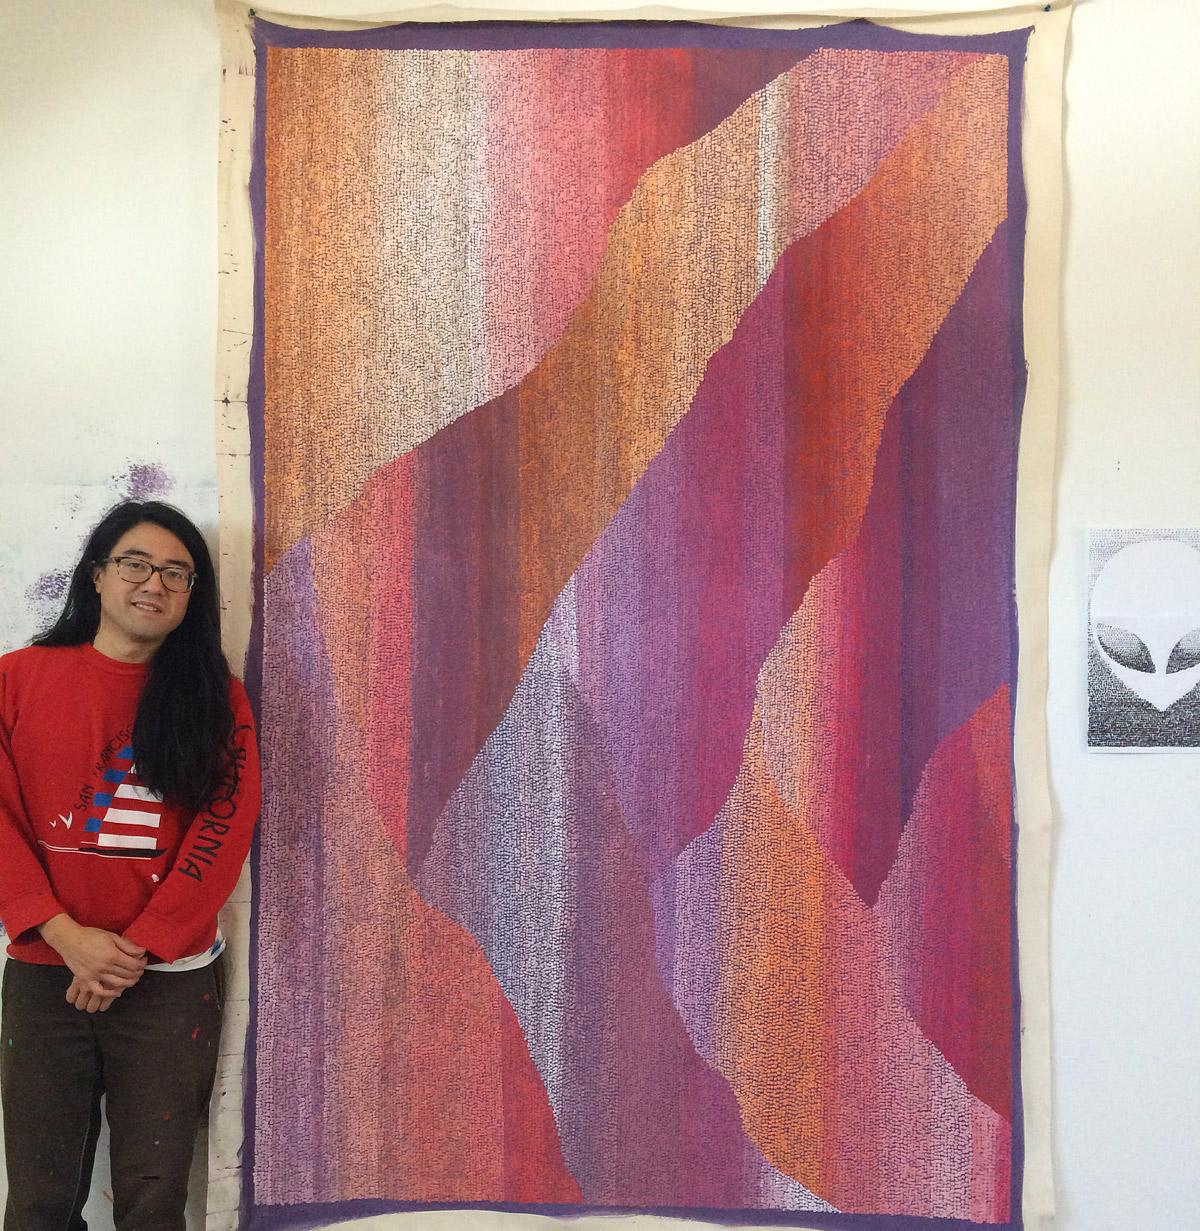 An interview with artist Jean Nagai